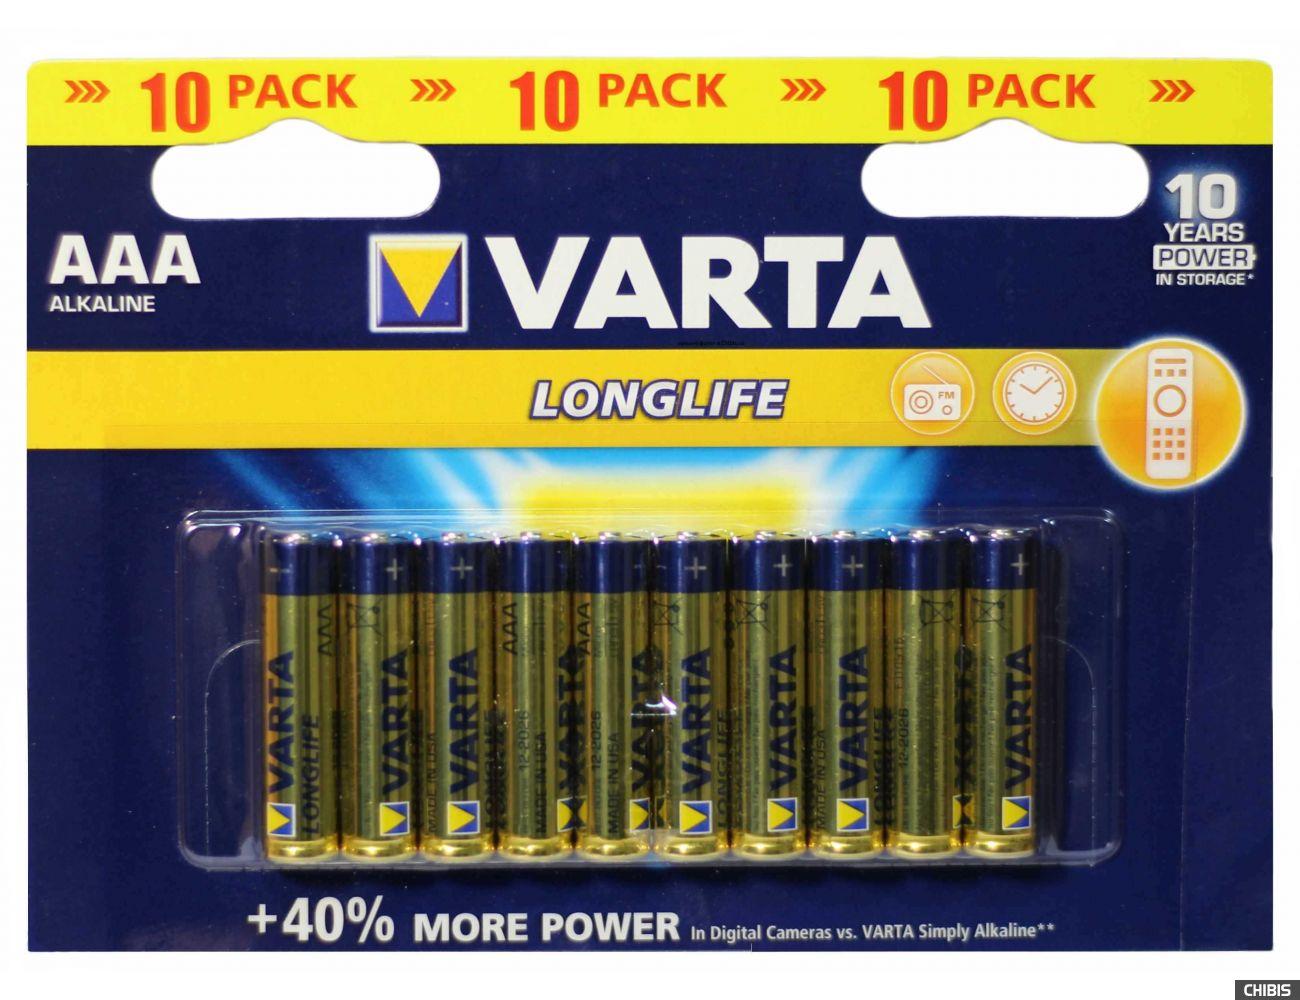 Батарейка Varta AAA Longlife LR03, 1.5V, Alkaline 10 шт